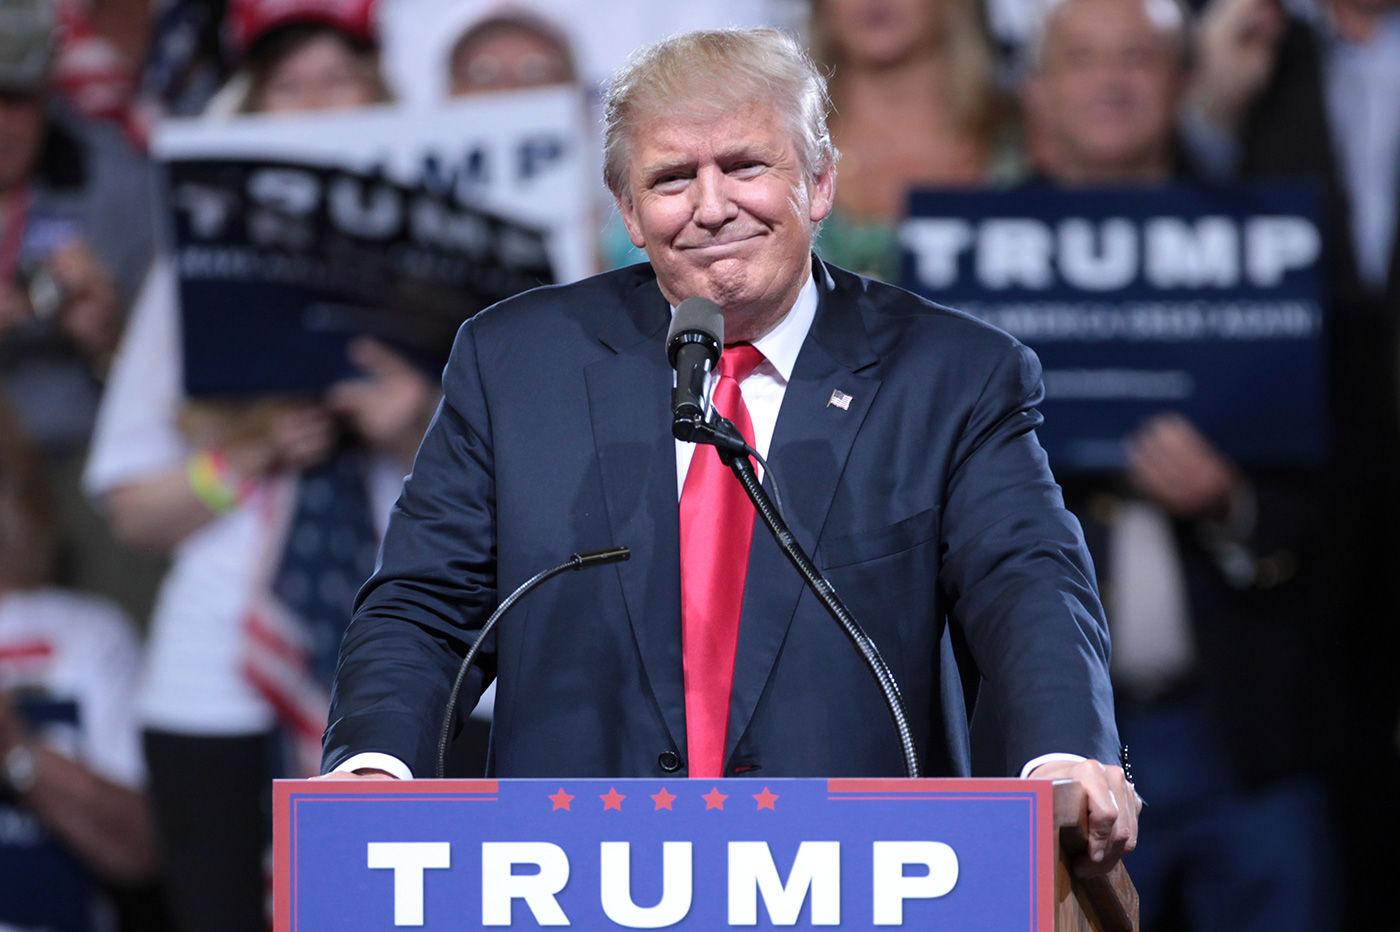 Le Décret de Donald Trump visant les réseaux sociaux déjà attaqué en justice